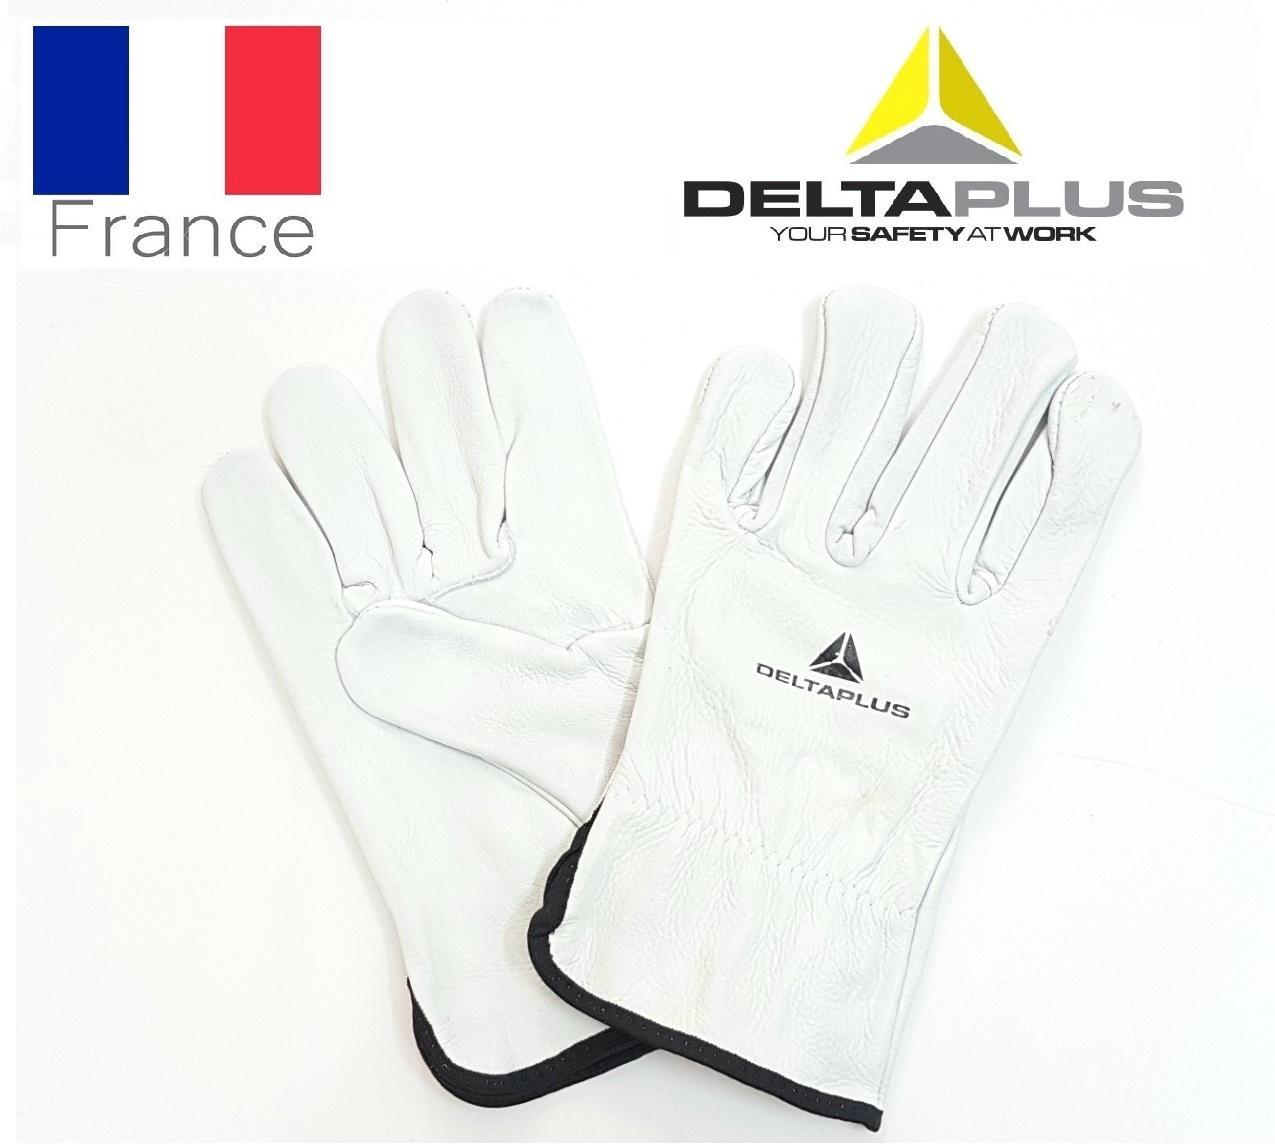 Găng tay da hàn tig Delta Plus